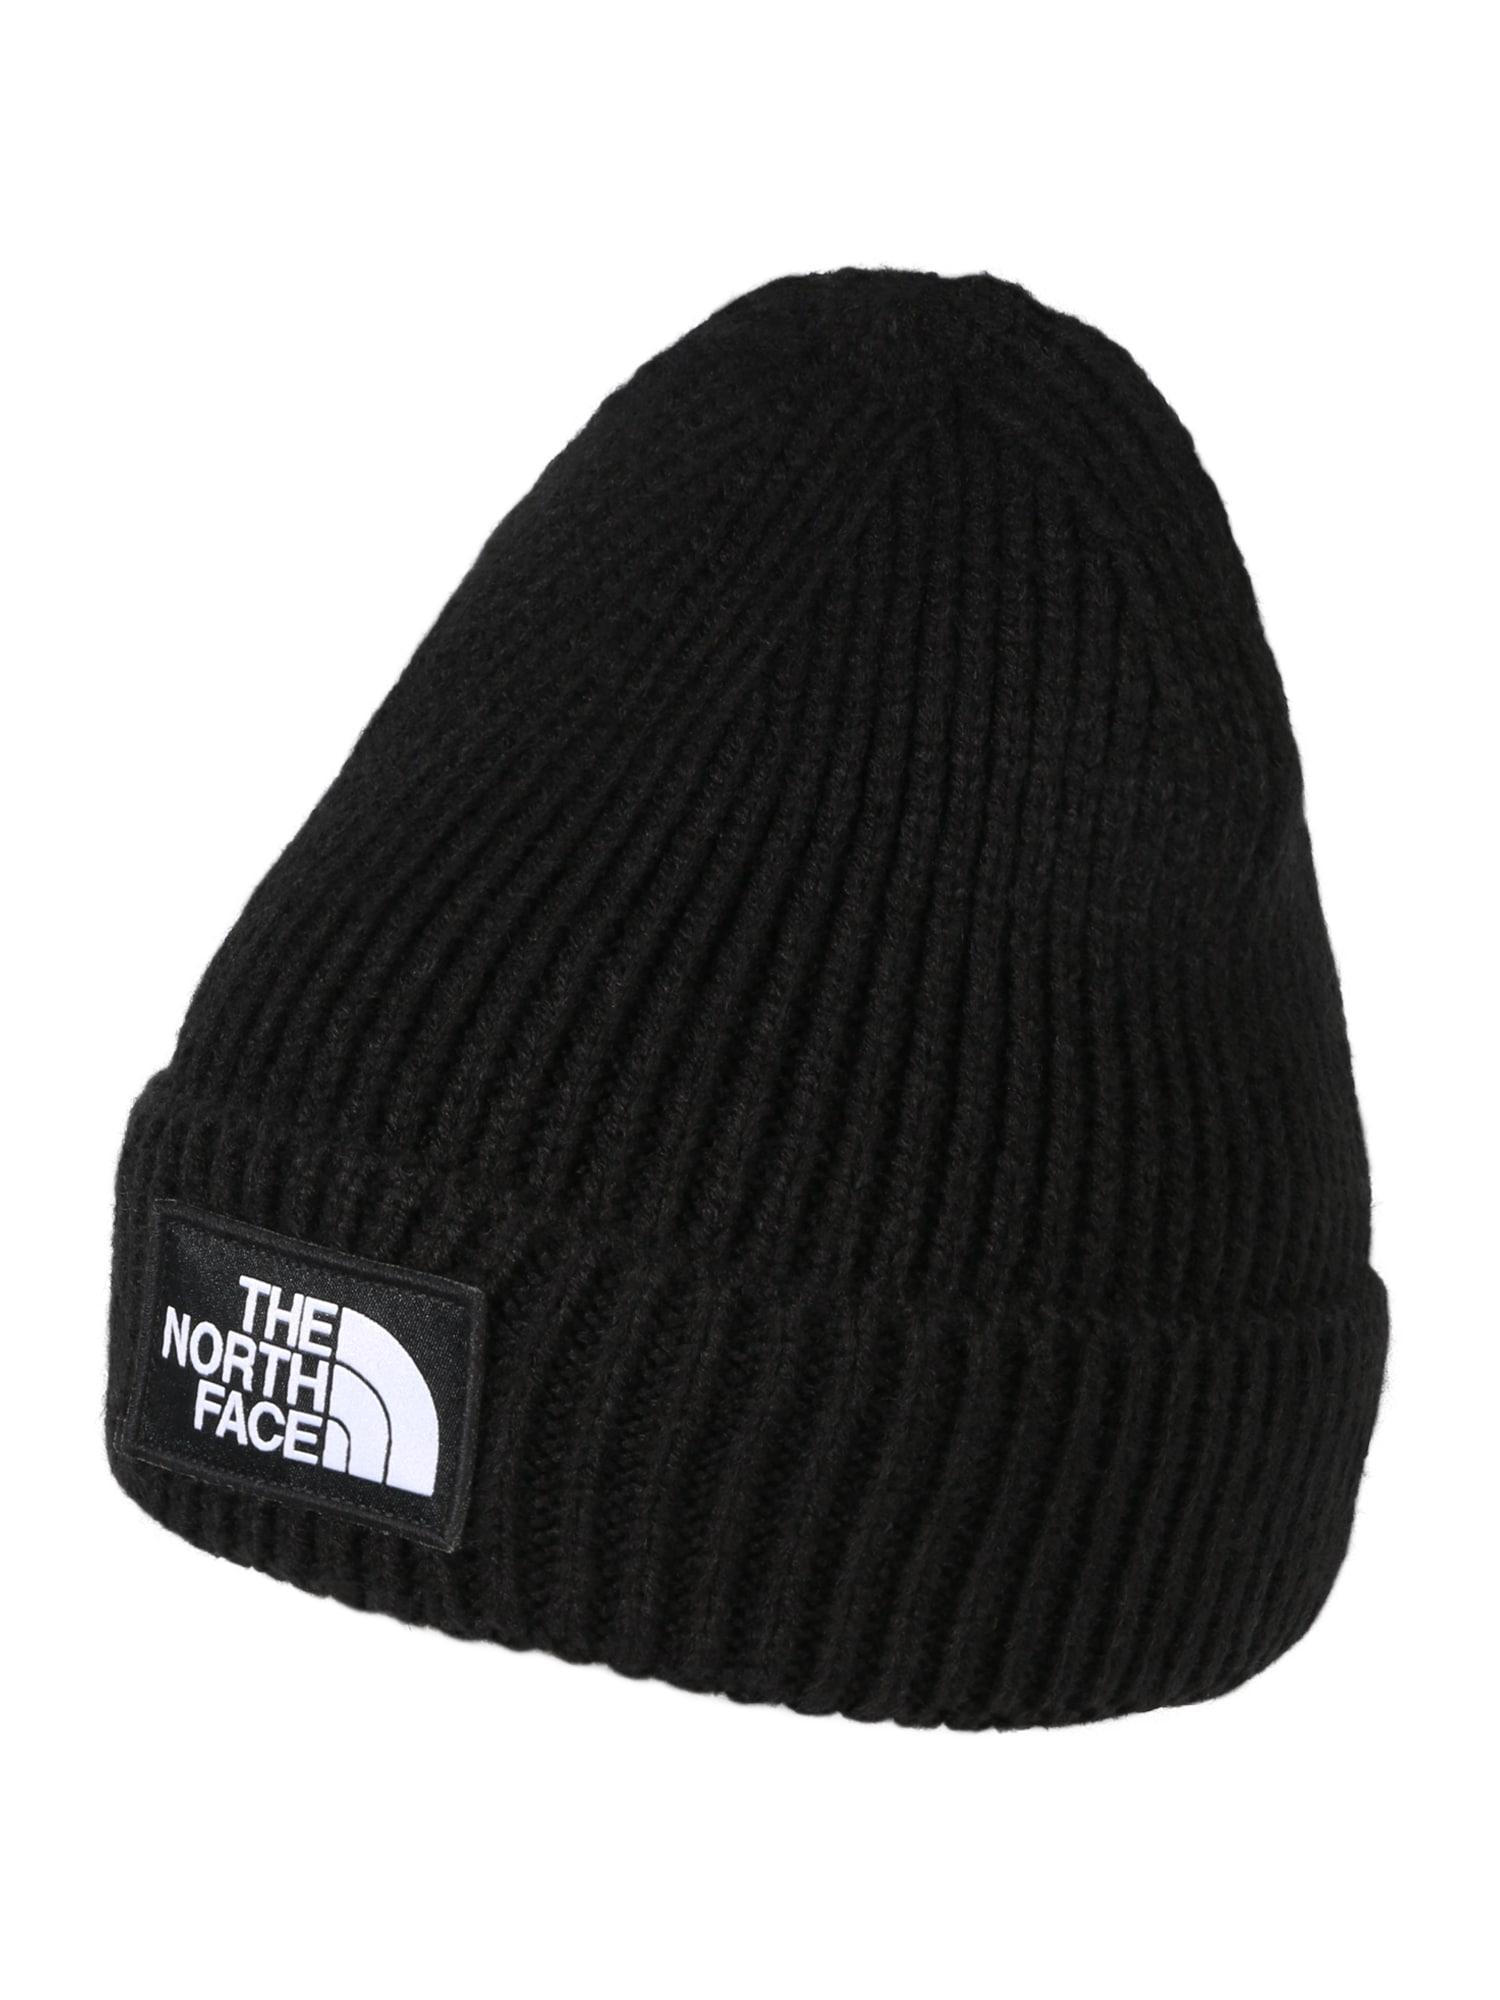 THE NORTH FACE Športová čiapka 'Logo Box Cuffed'  čierna